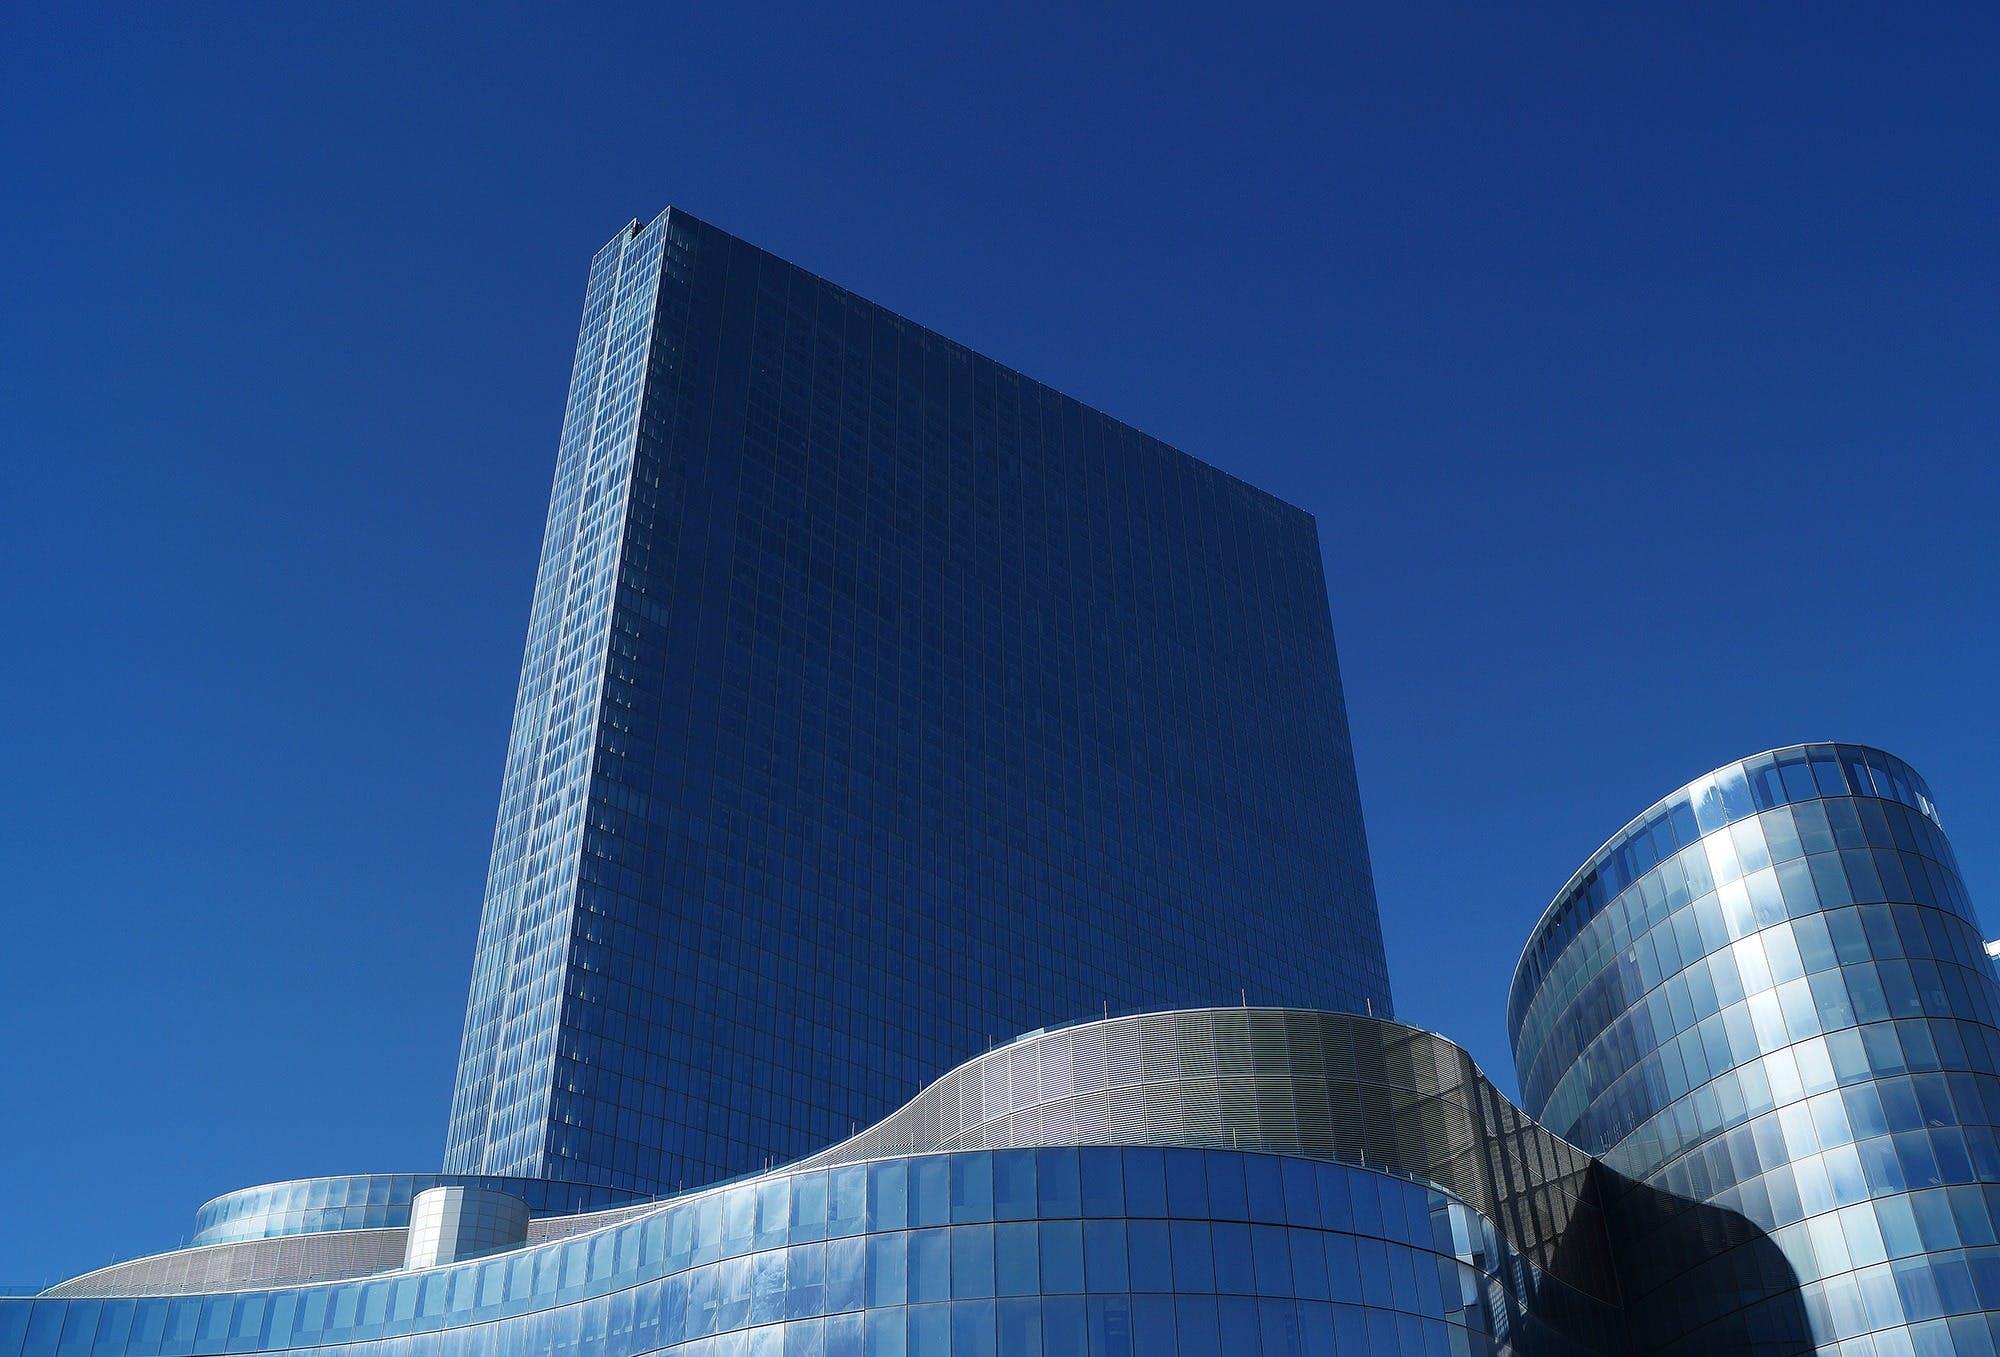 Blue Concrete Building Under Blue Sky